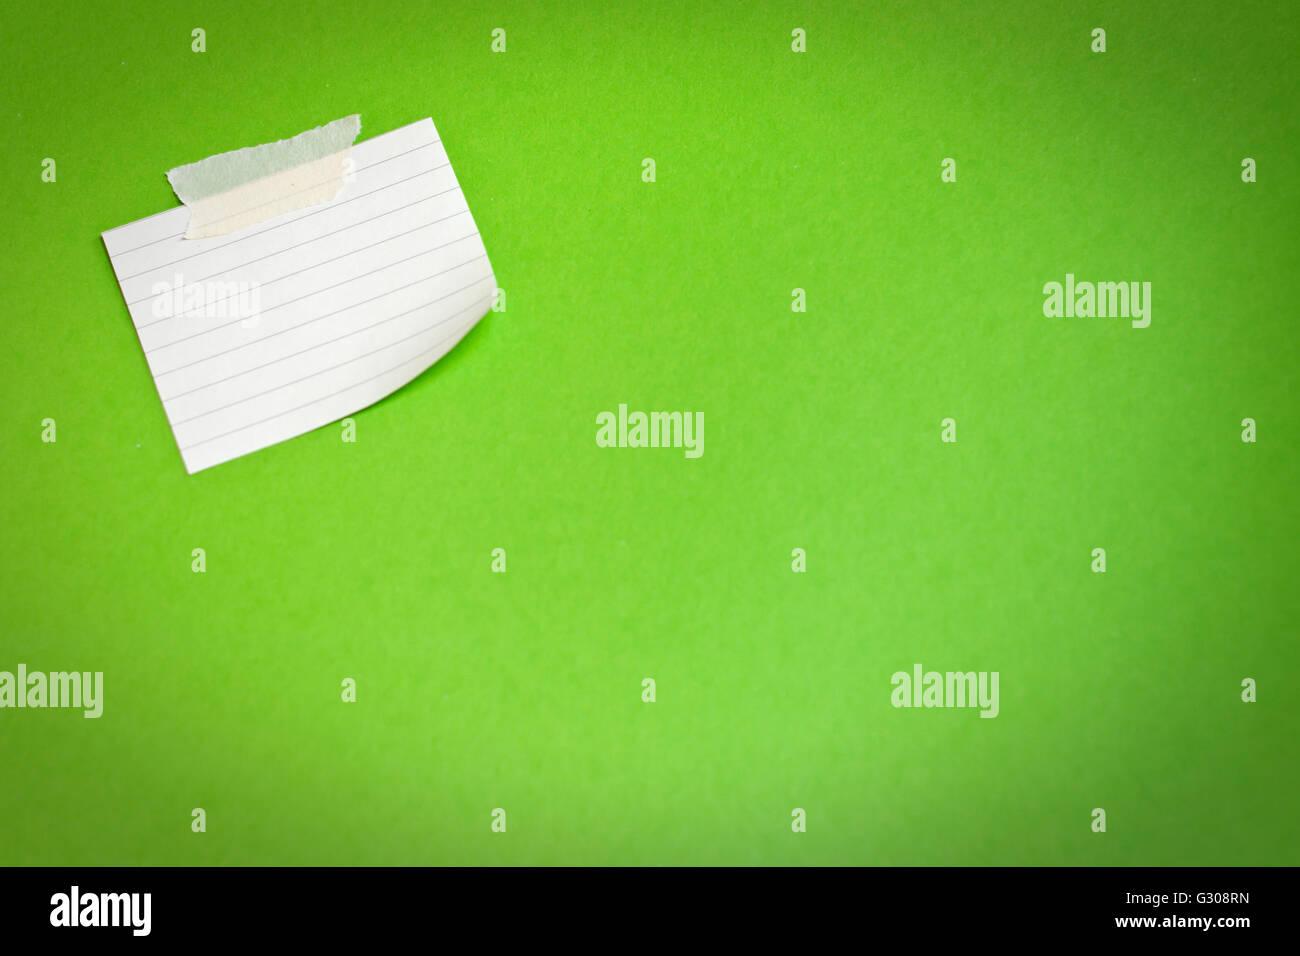 Nota bianco carta attaccata su sfondo verde Immagini Stock